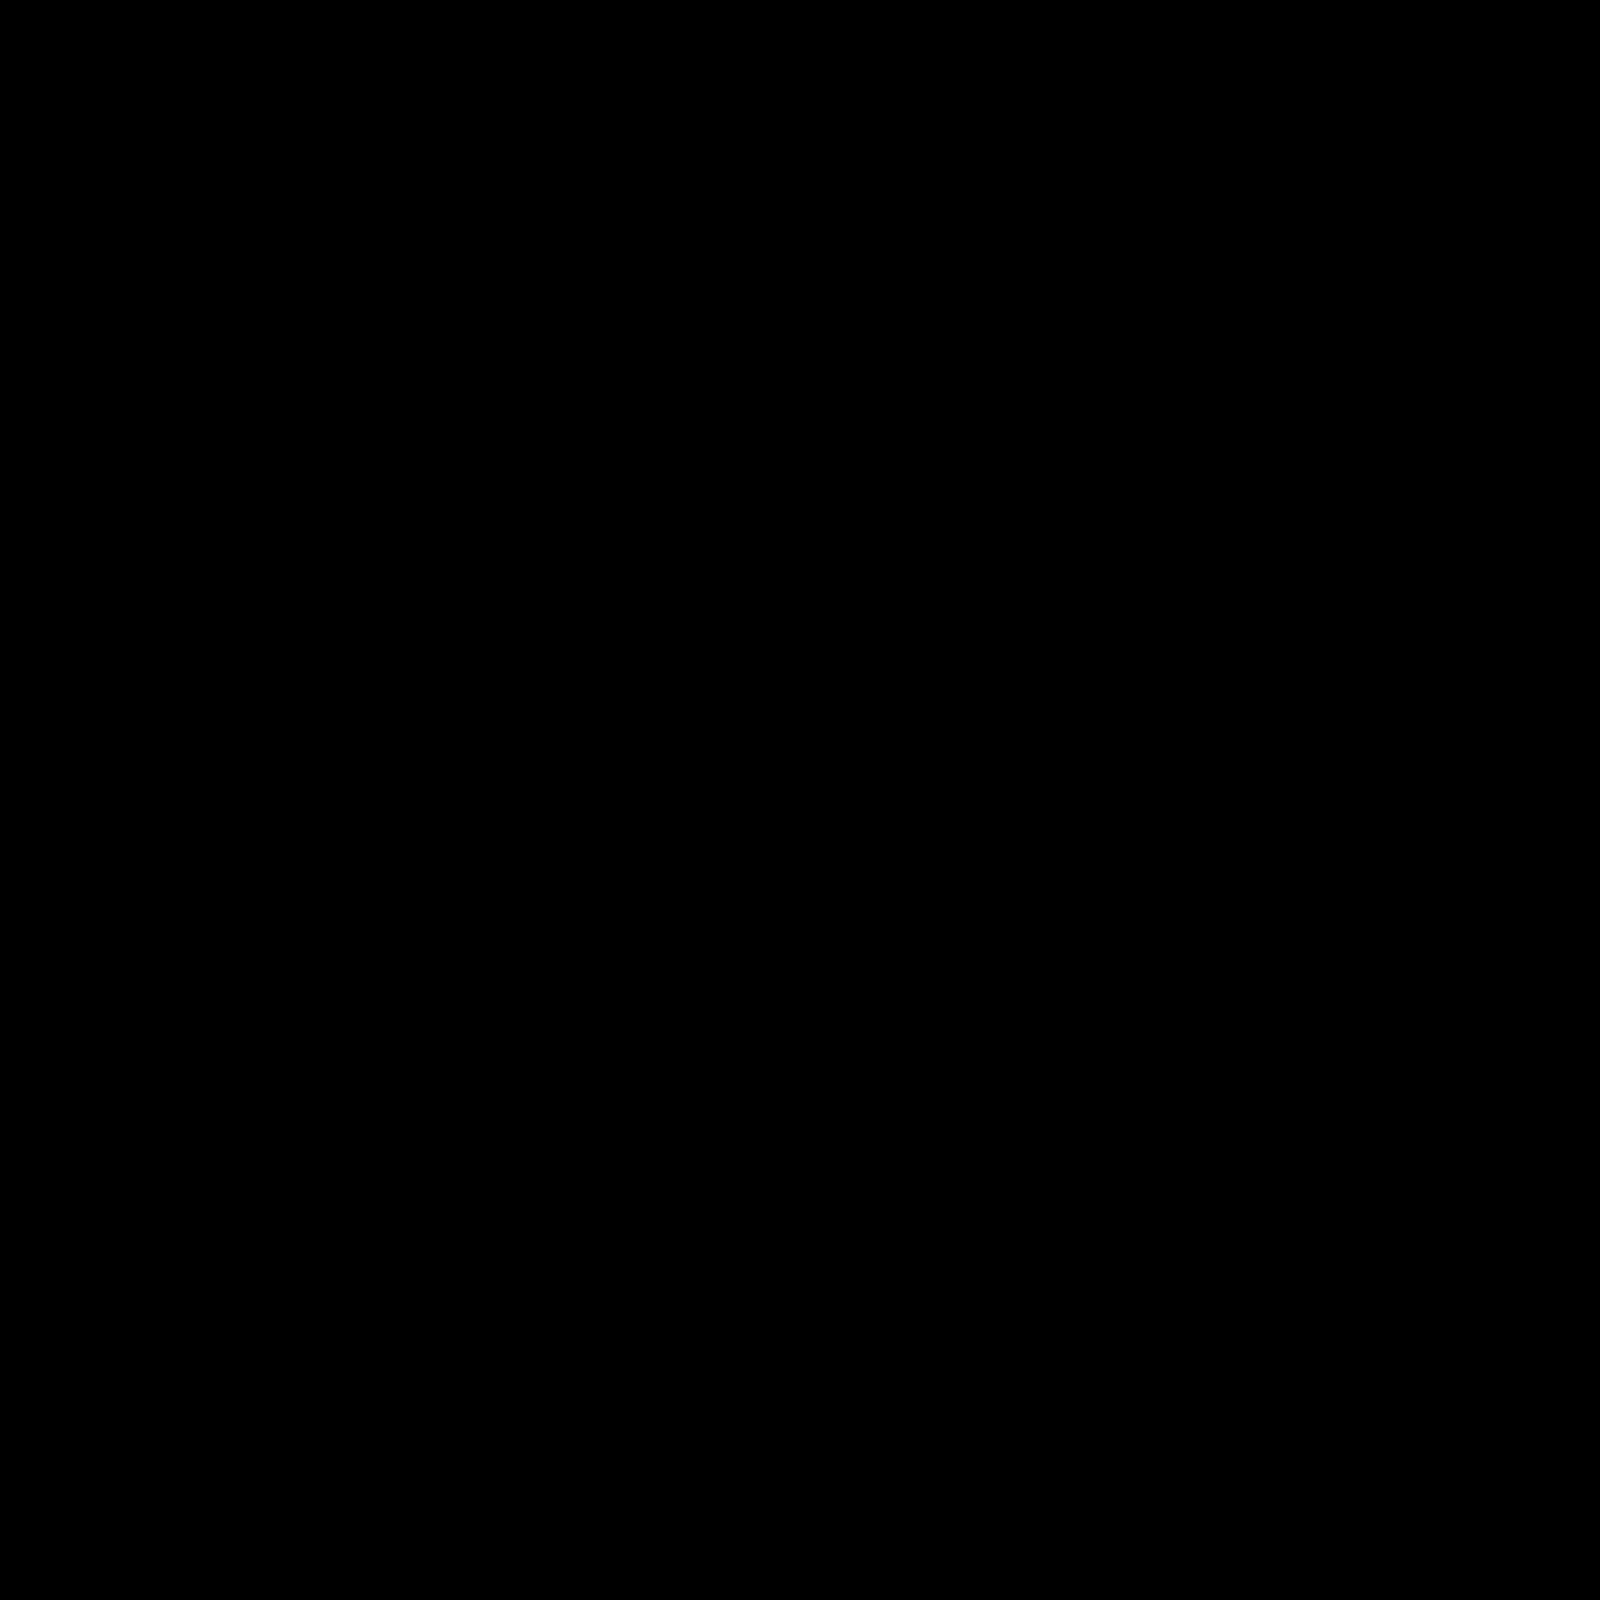 ユーザーマニュアル アイコン 無料ダウンロード png およびベクター